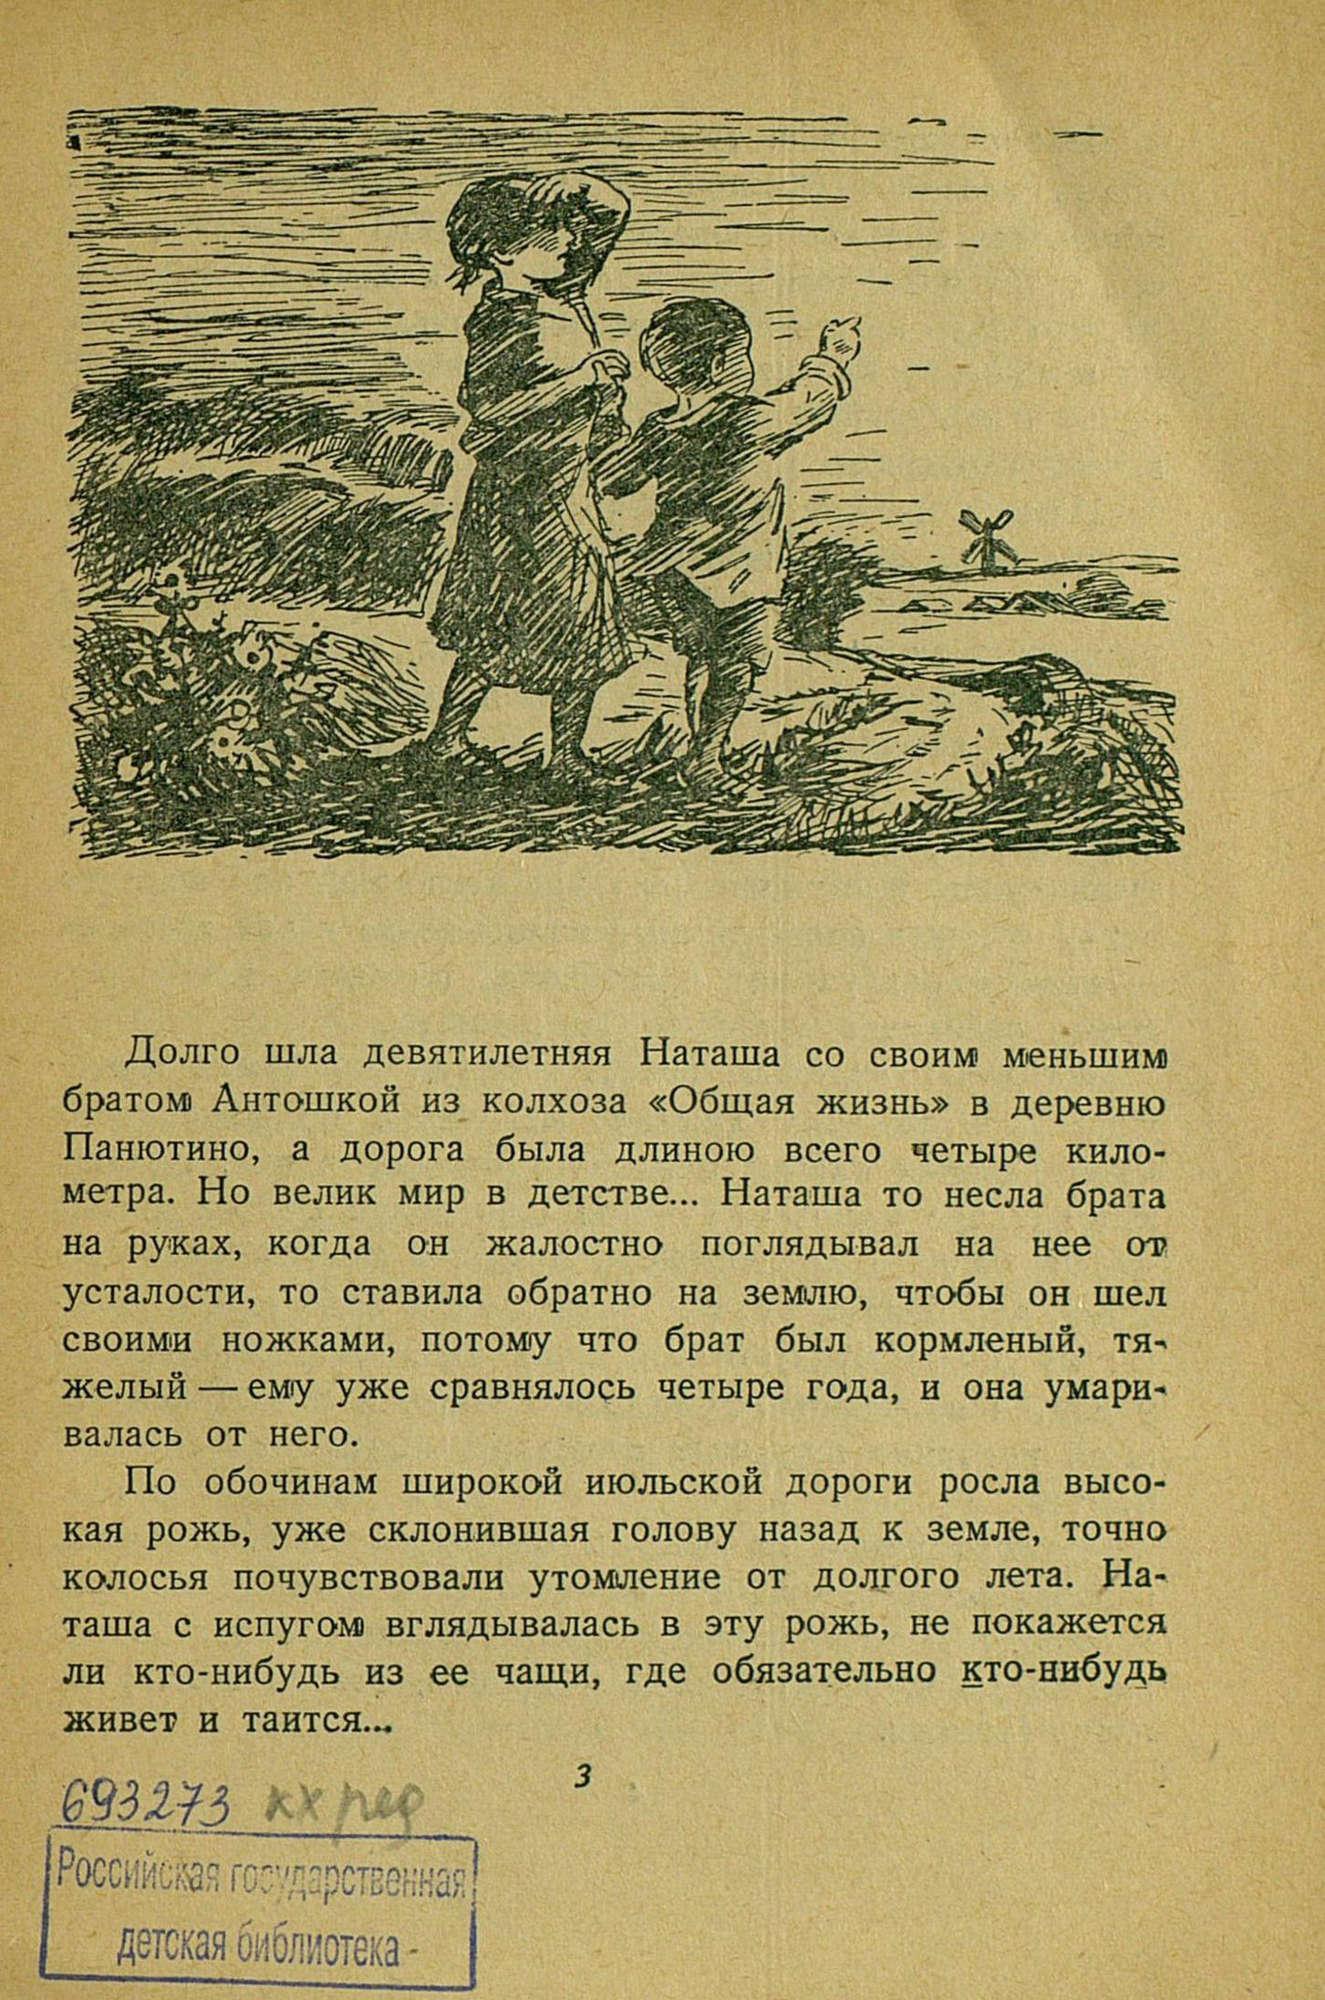 А платонов июльская гроза картинки